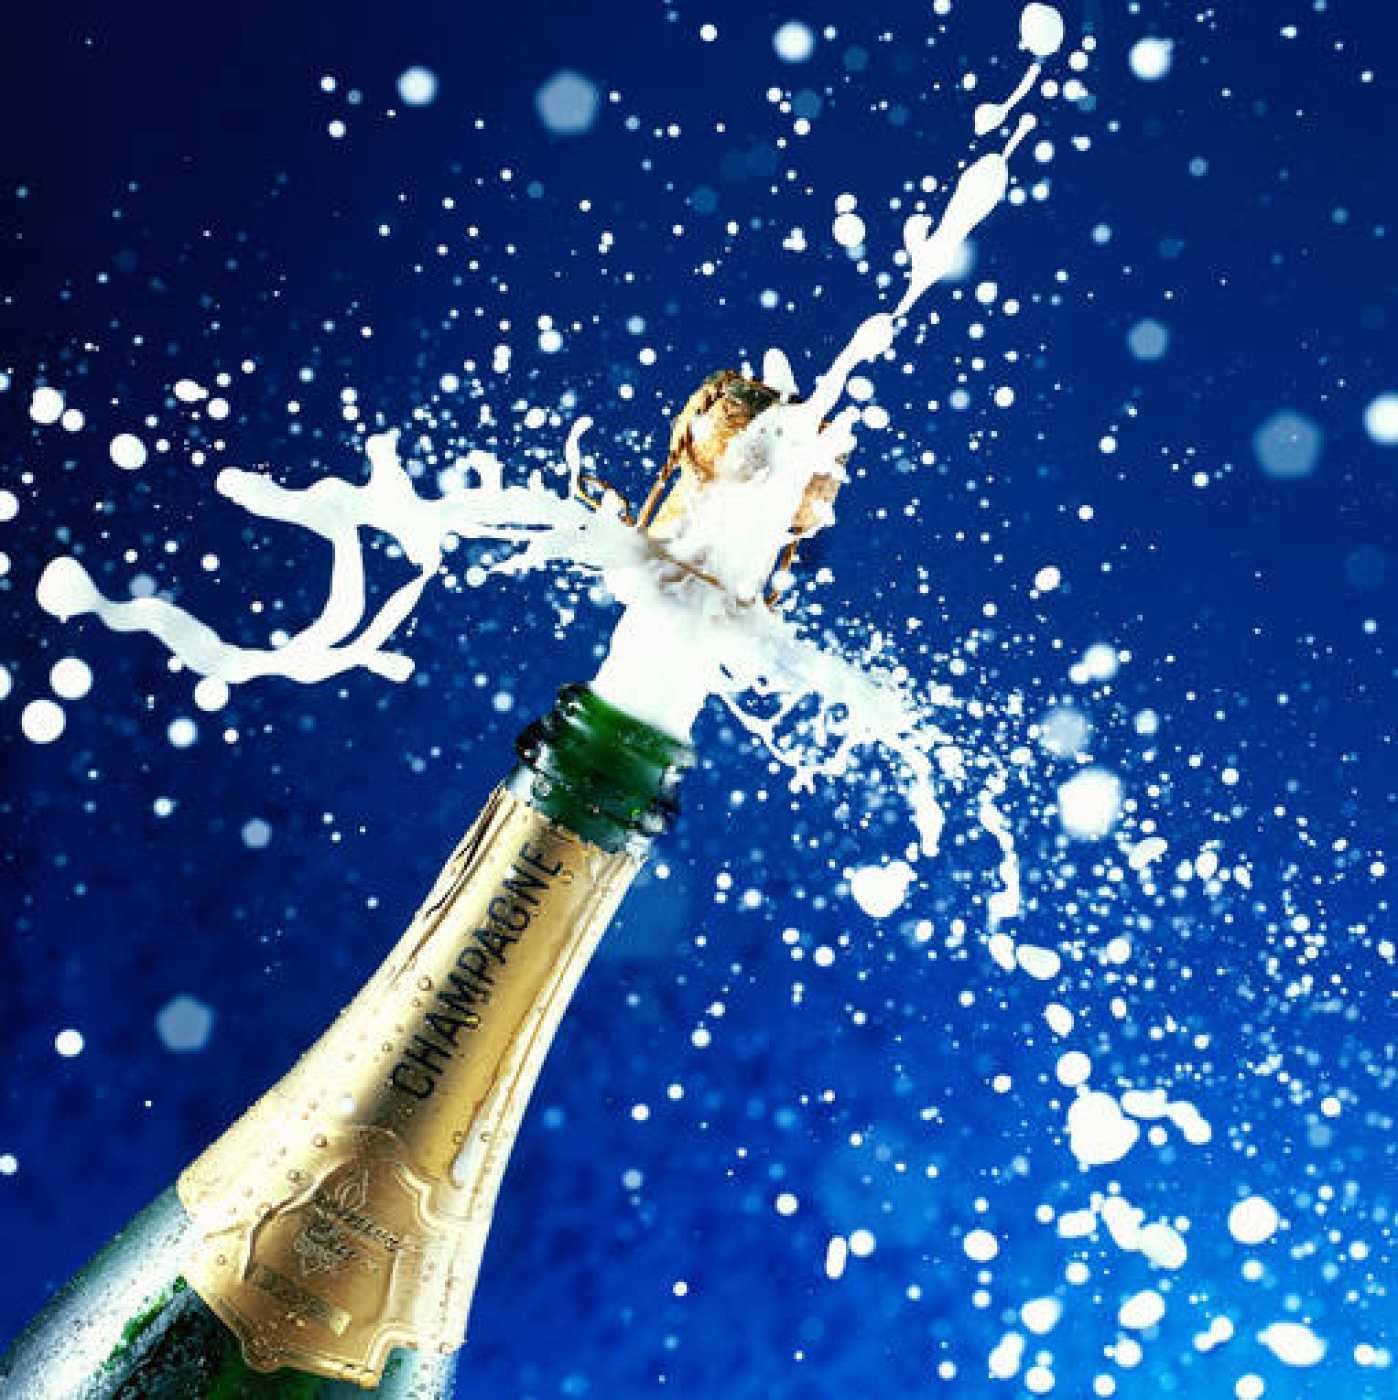 Al abrir una botella de vino espumoso se libera toda la presión que albergan en su interior